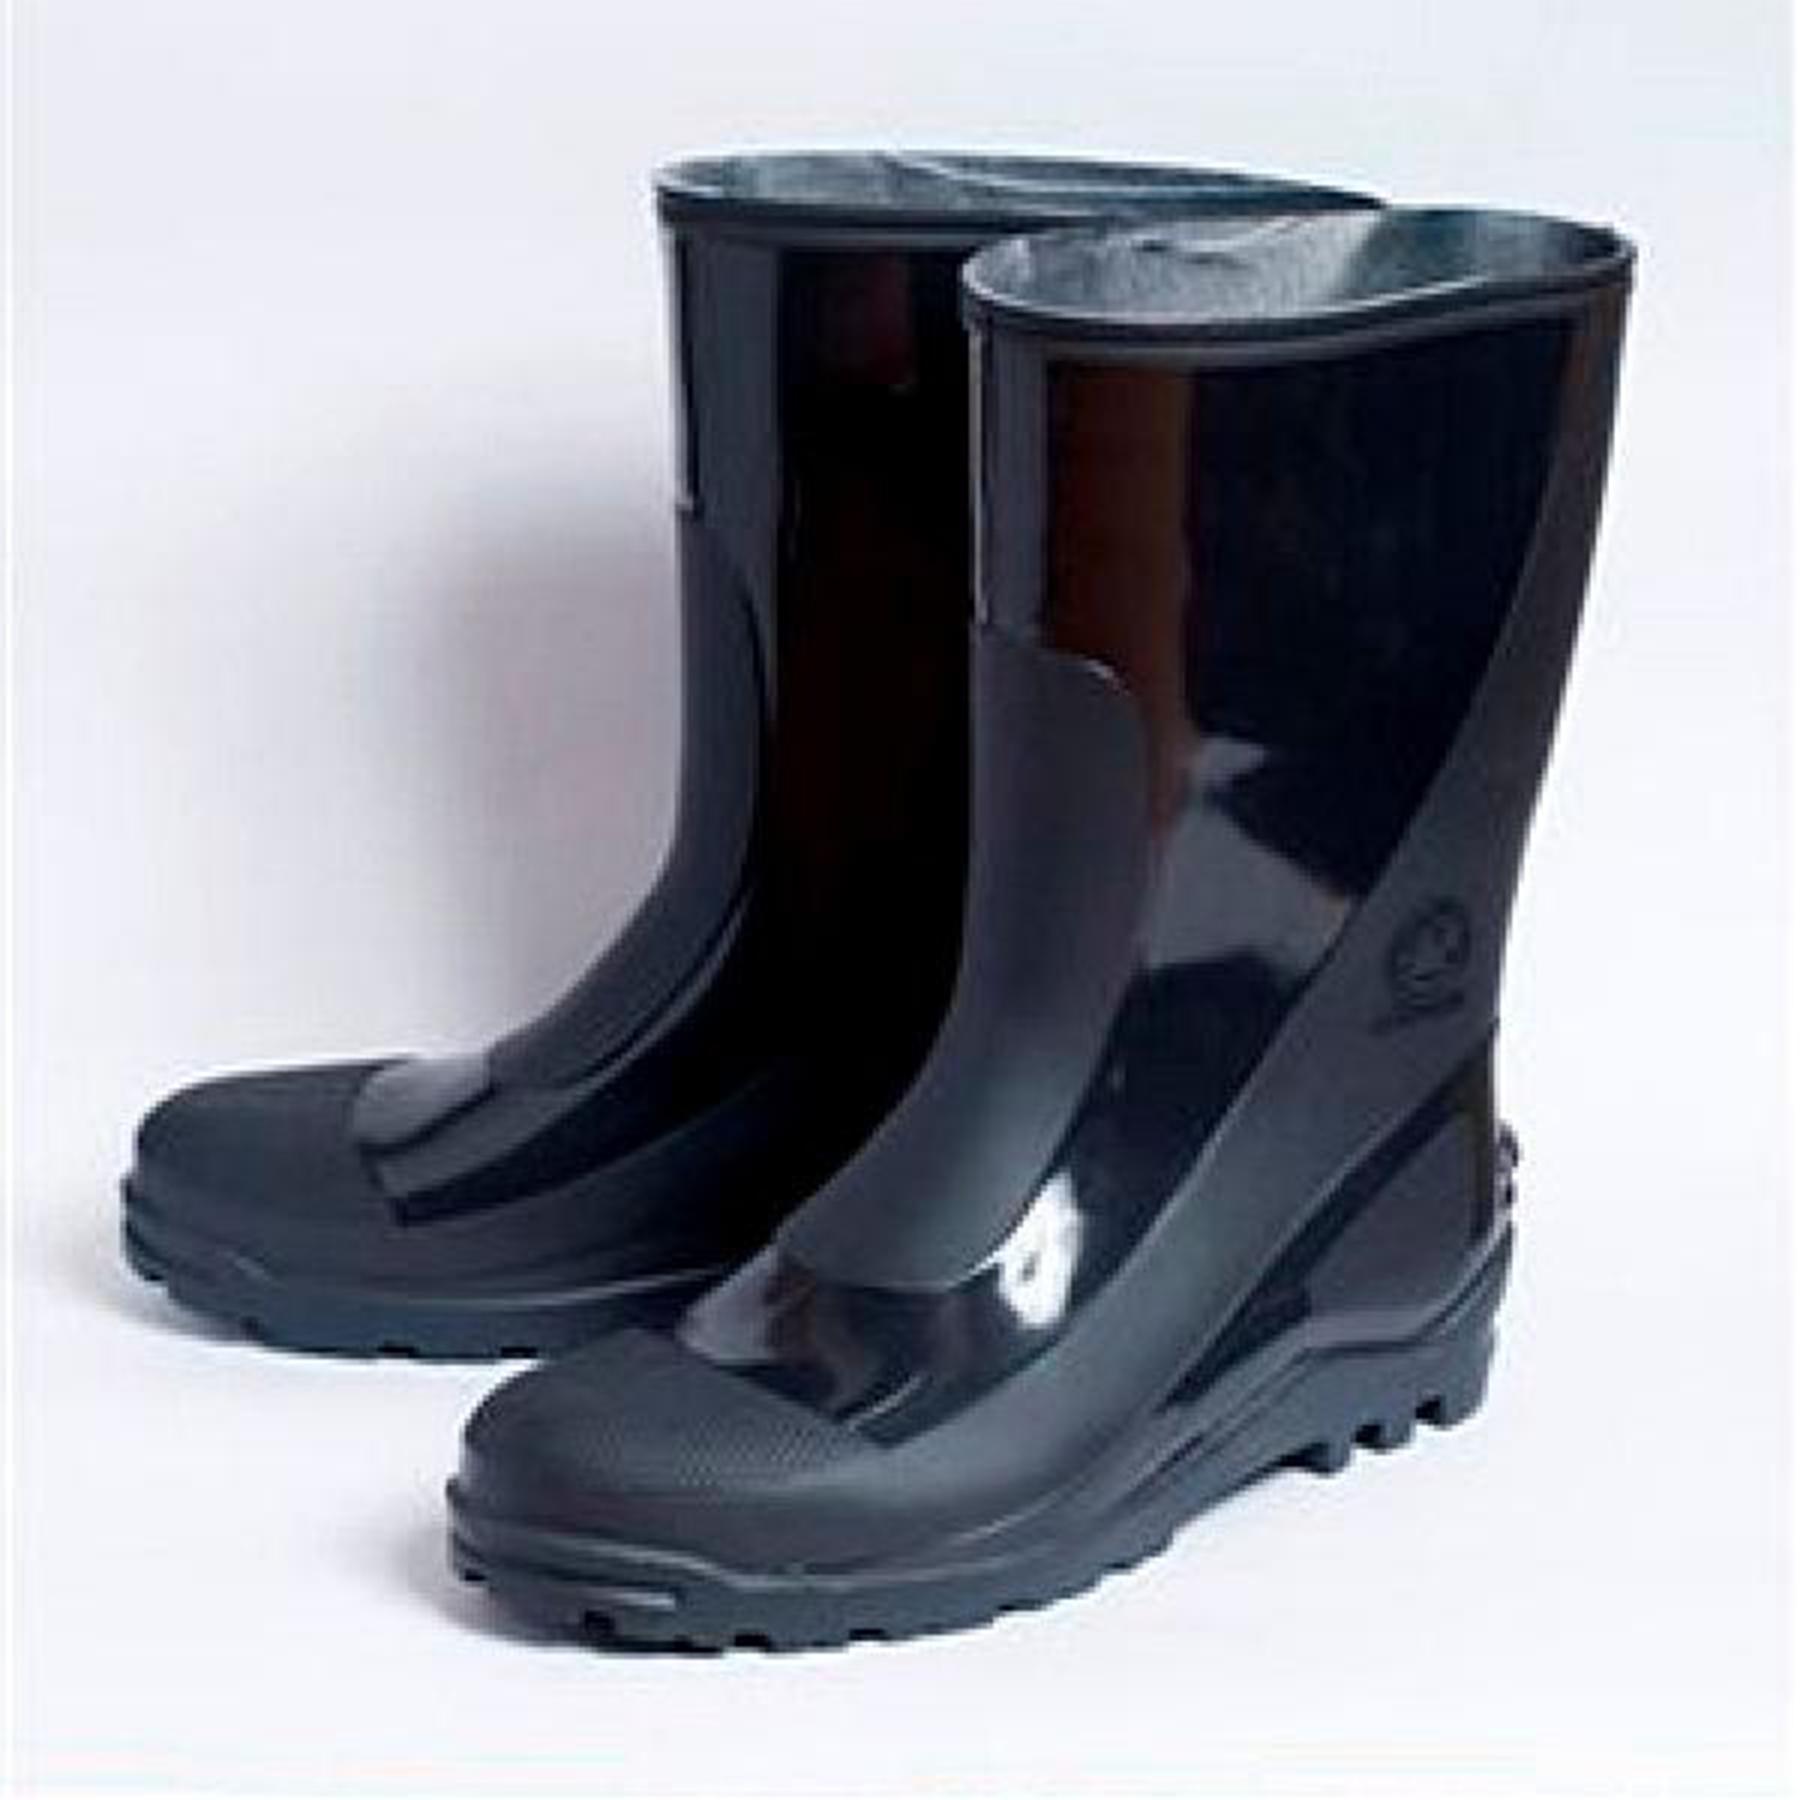 Сапоги ПВХ мужские 95-77 р.41 цвет черный/олива высота 30см